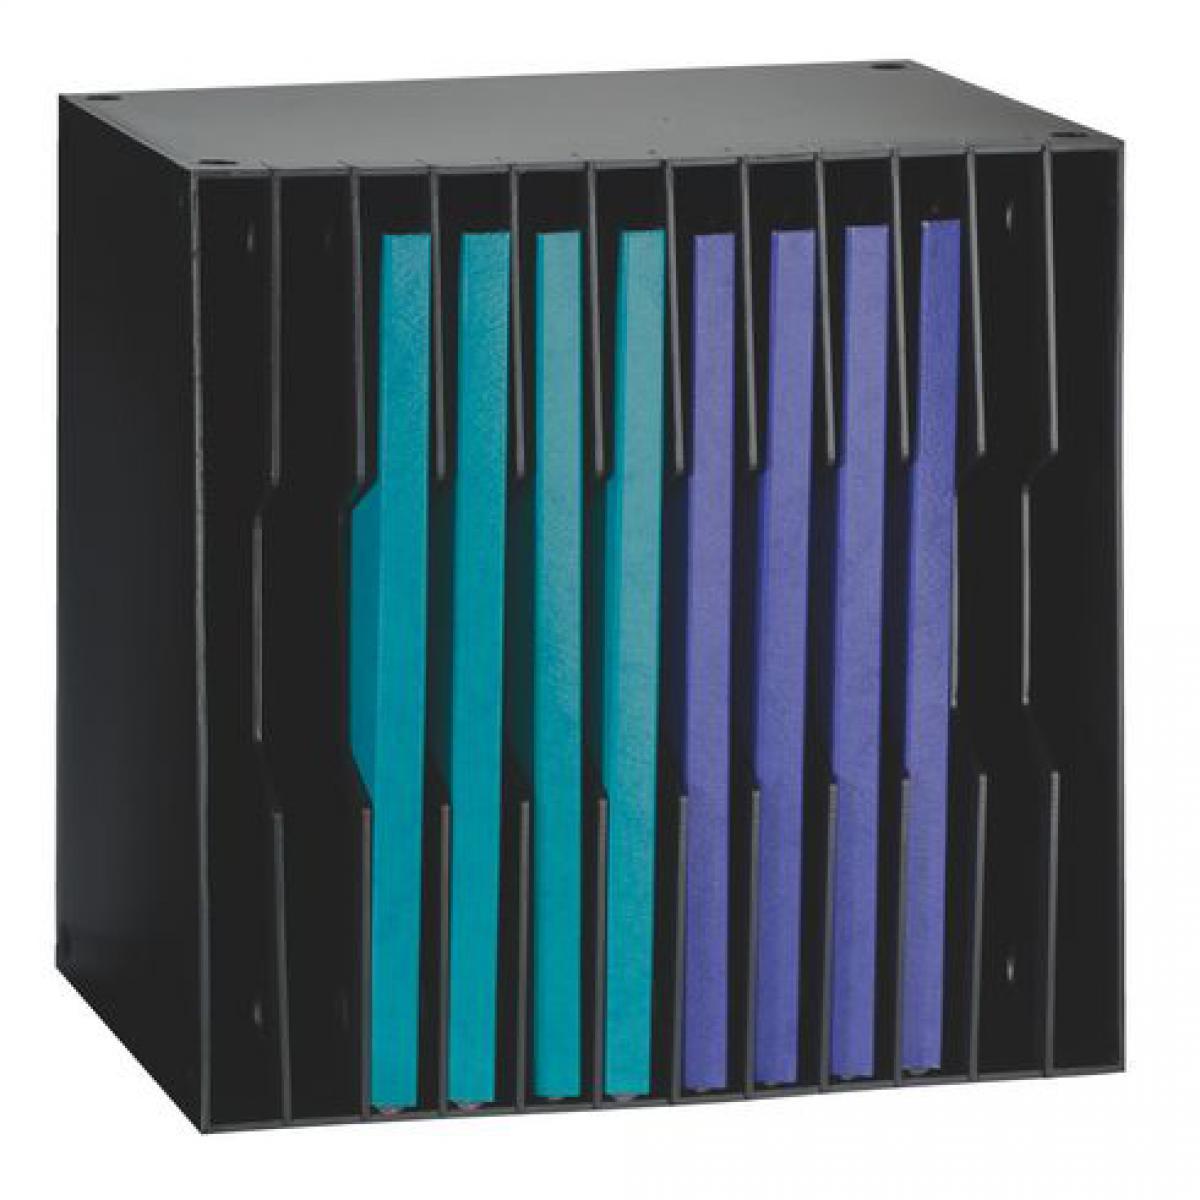 Cep Bloc de classement Cep CubiCep 12 cases couleur